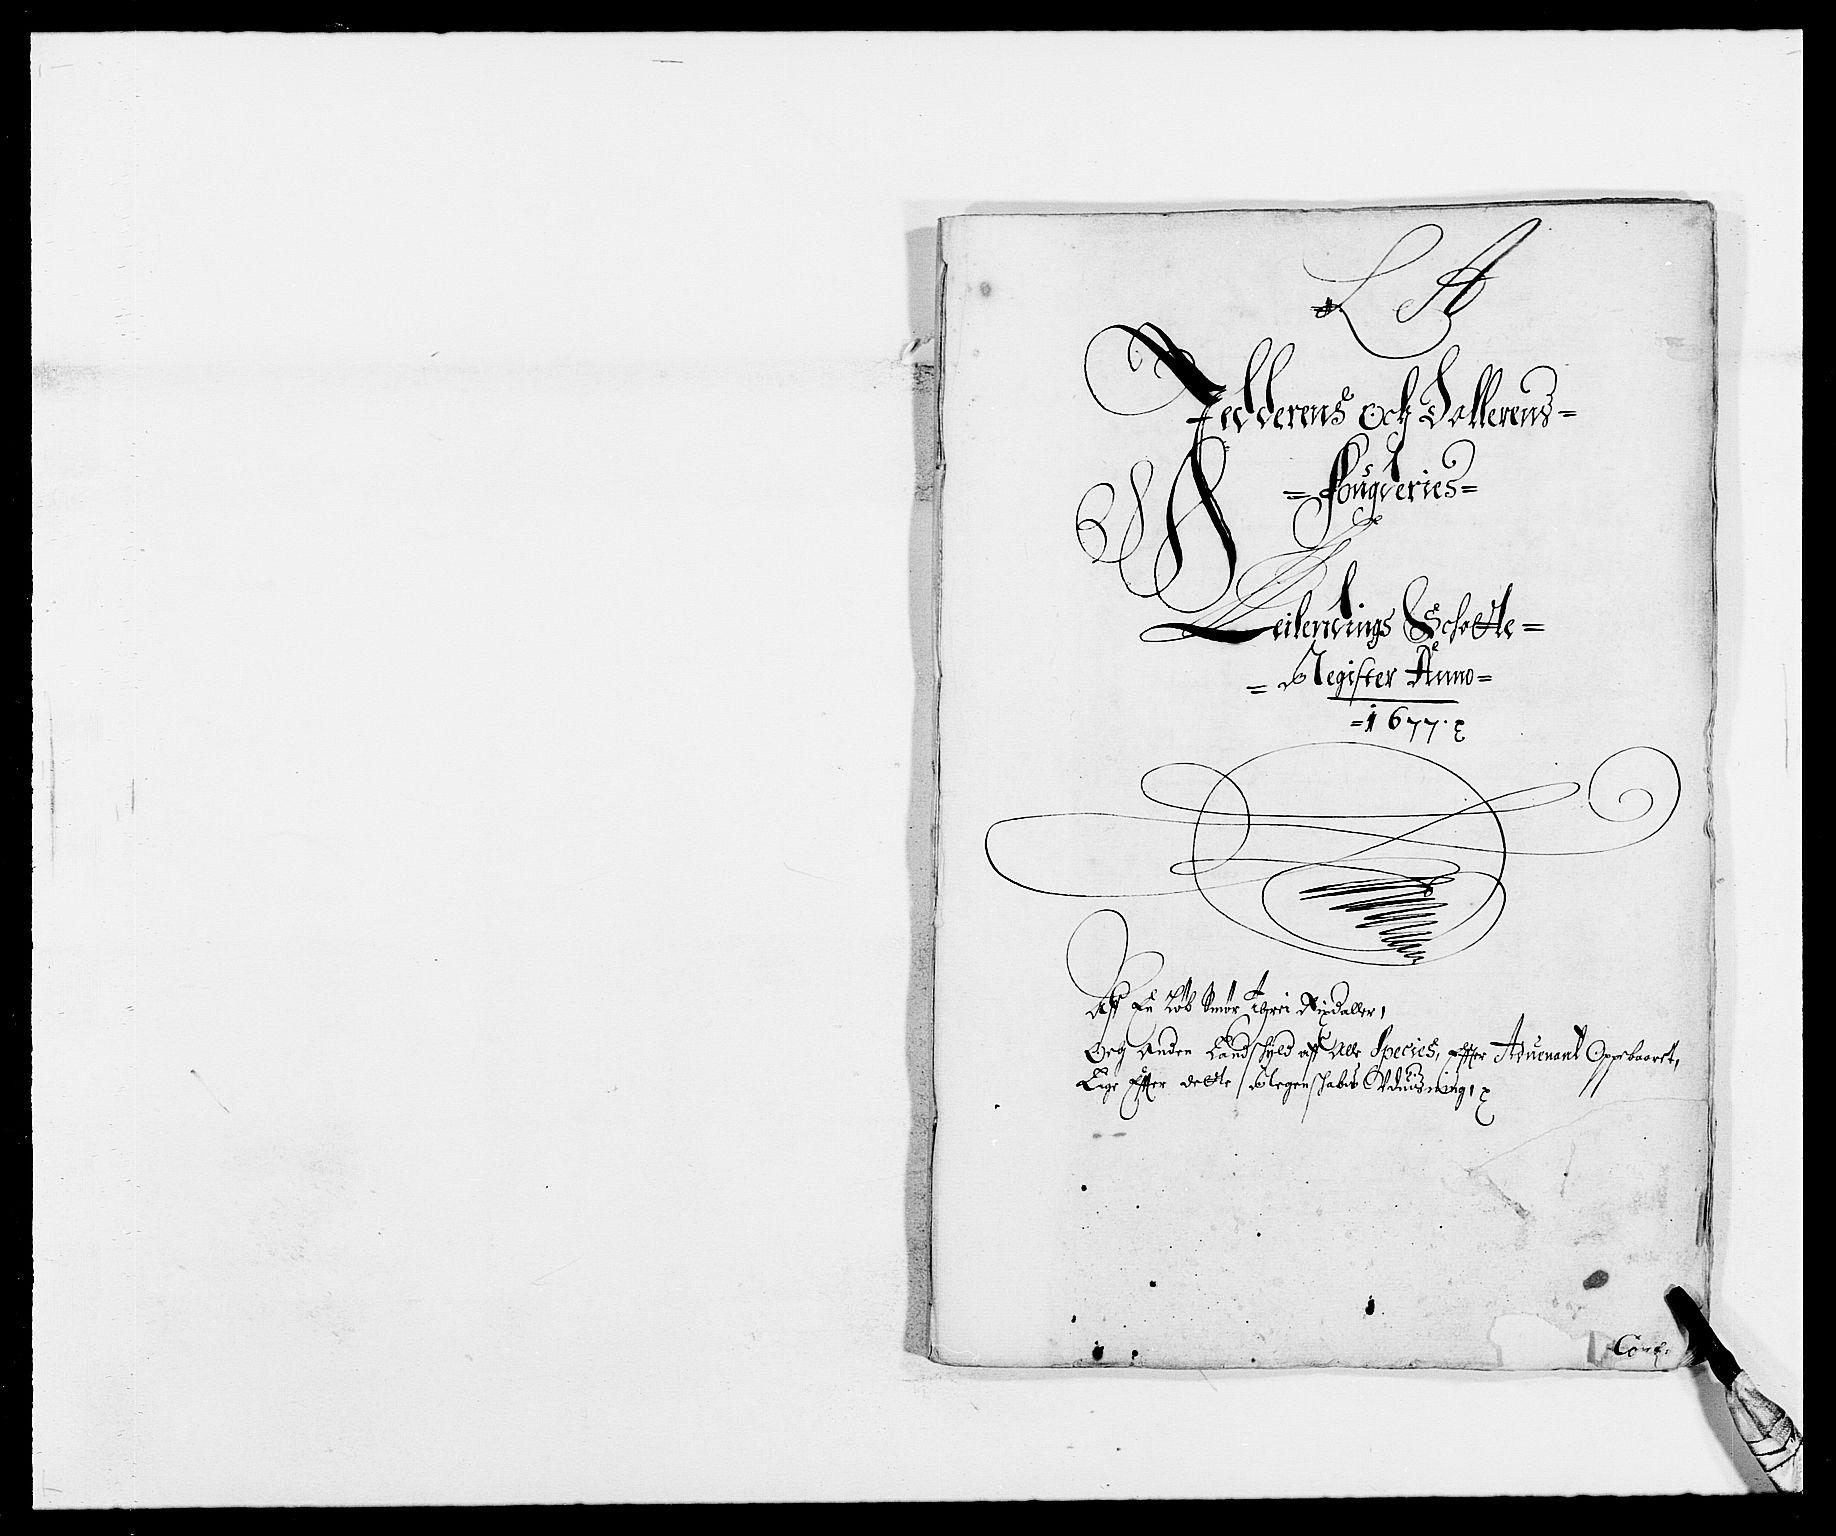 RA, Rentekammeret inntil 1814, Reviderte regnskaper, Fogderegnskap, R46/L2717: Fogderegnskap Jæren og Dalane, 1677, s. 28